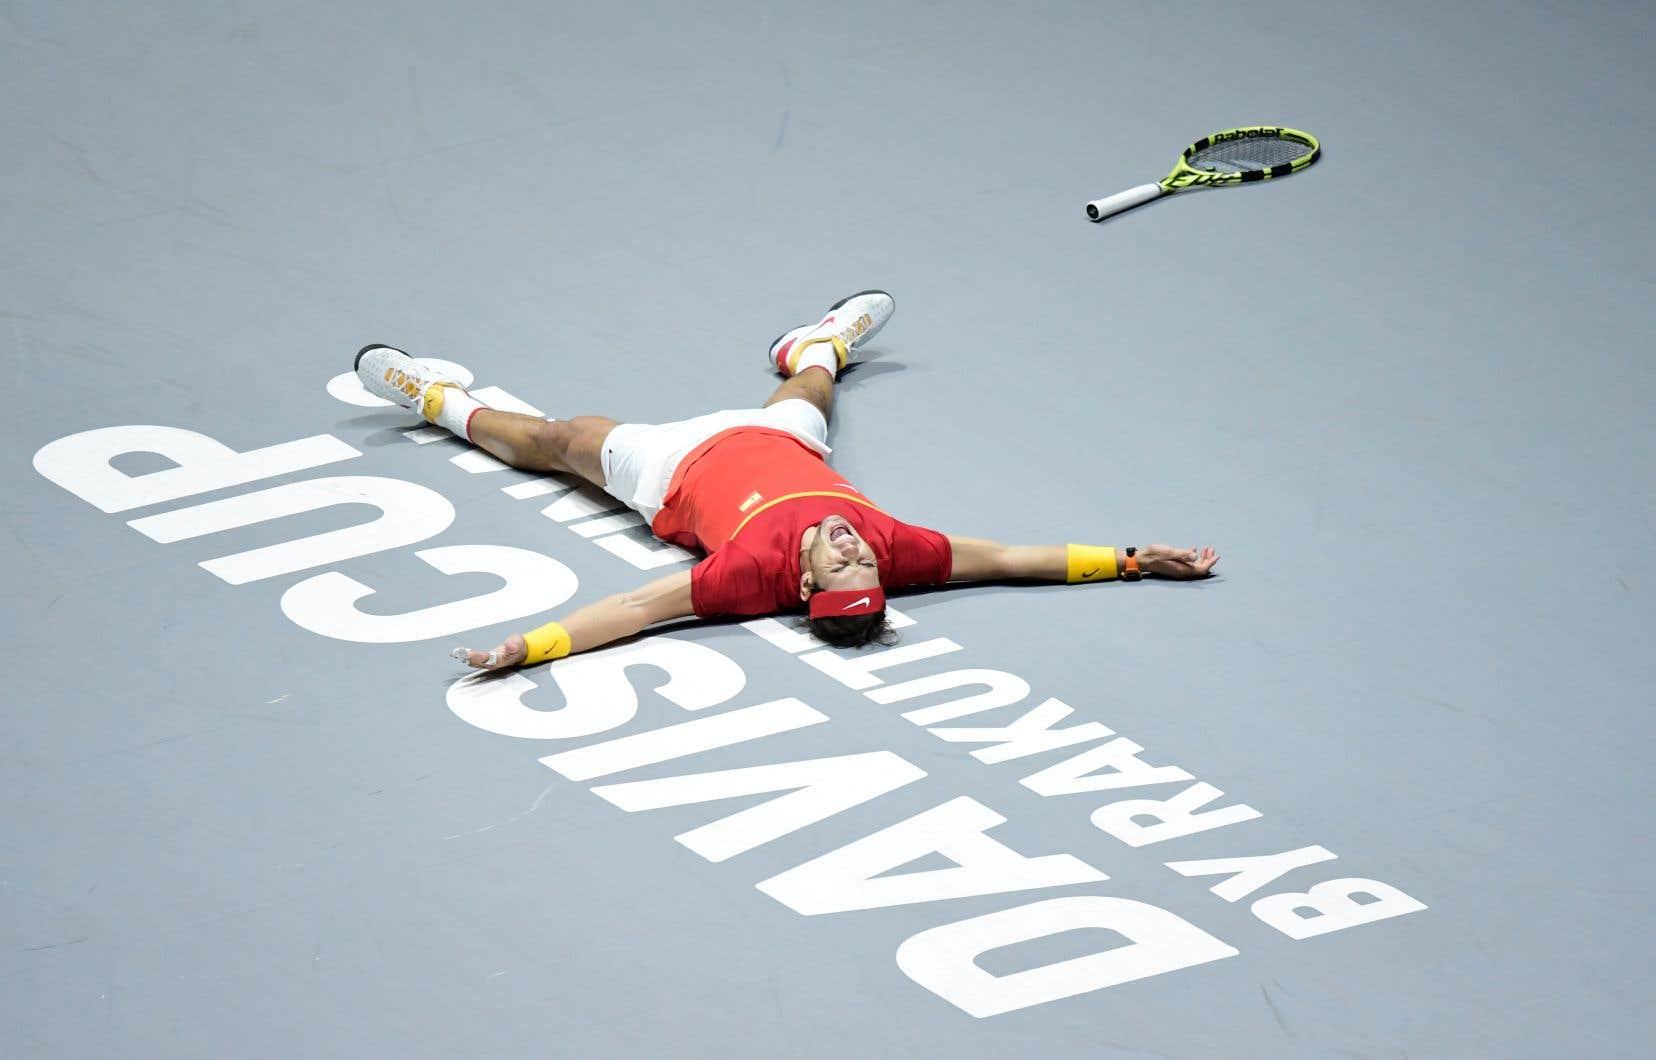 Rafael Nadal, qui a aidé l'Espagne à remporter la Coupe Davis, juge que le tournoi devrait fusionner avec la Coupe ATP qui a lieu six semaines plus tard.